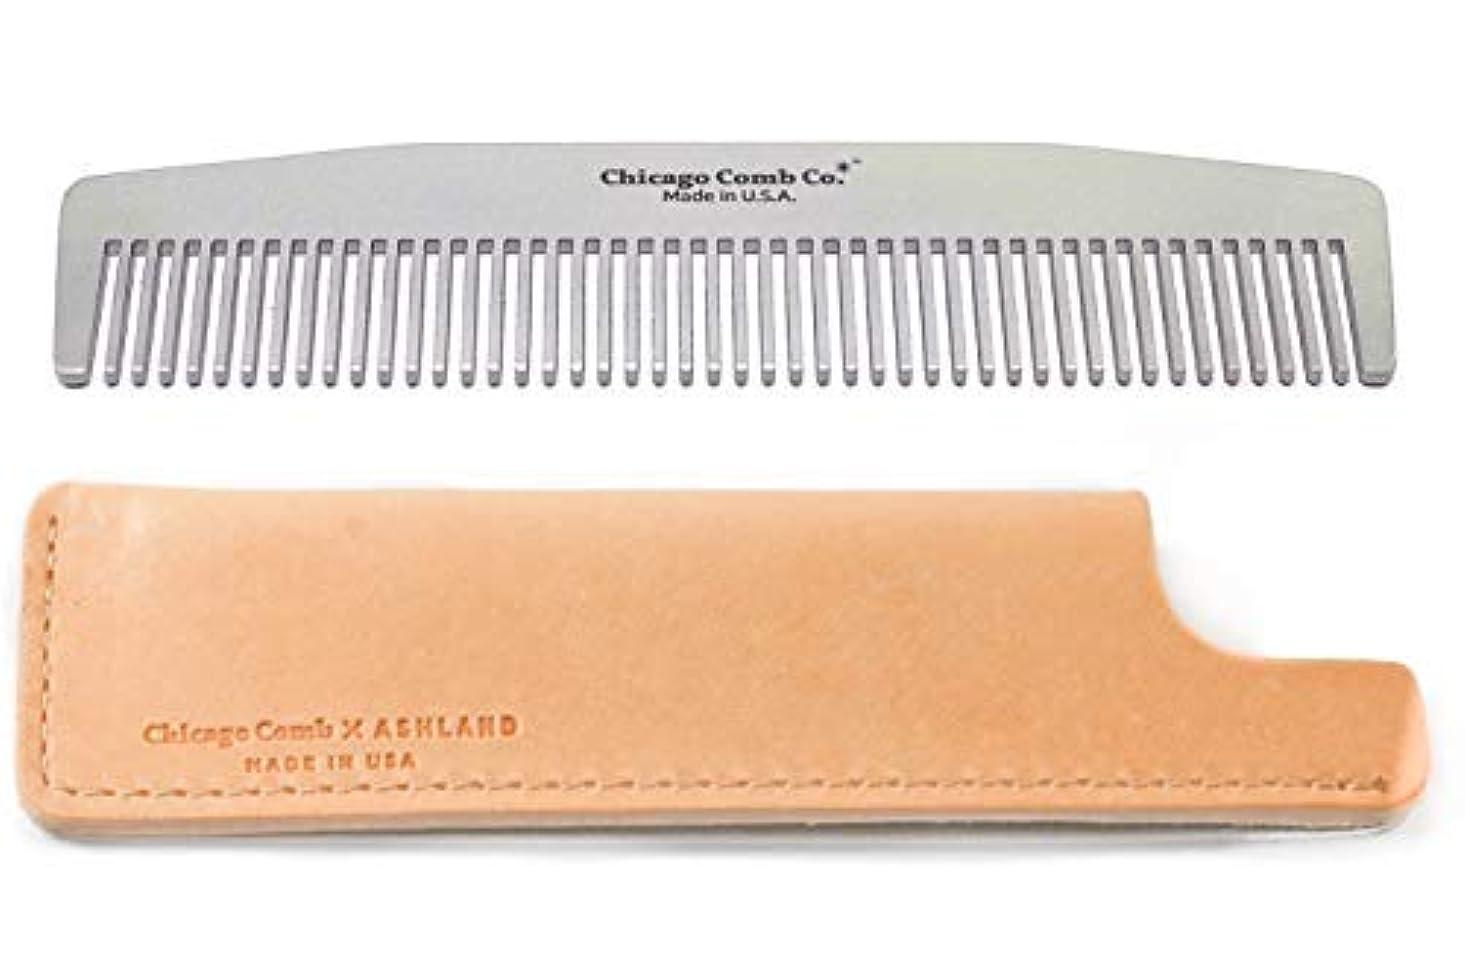 ようこそ純正最小Chicago Comb No. 3 Stainless Steel + Horween Natural Leather Sheath, Made in USA, Ultra-Smooth, Durable, Anti-Static...